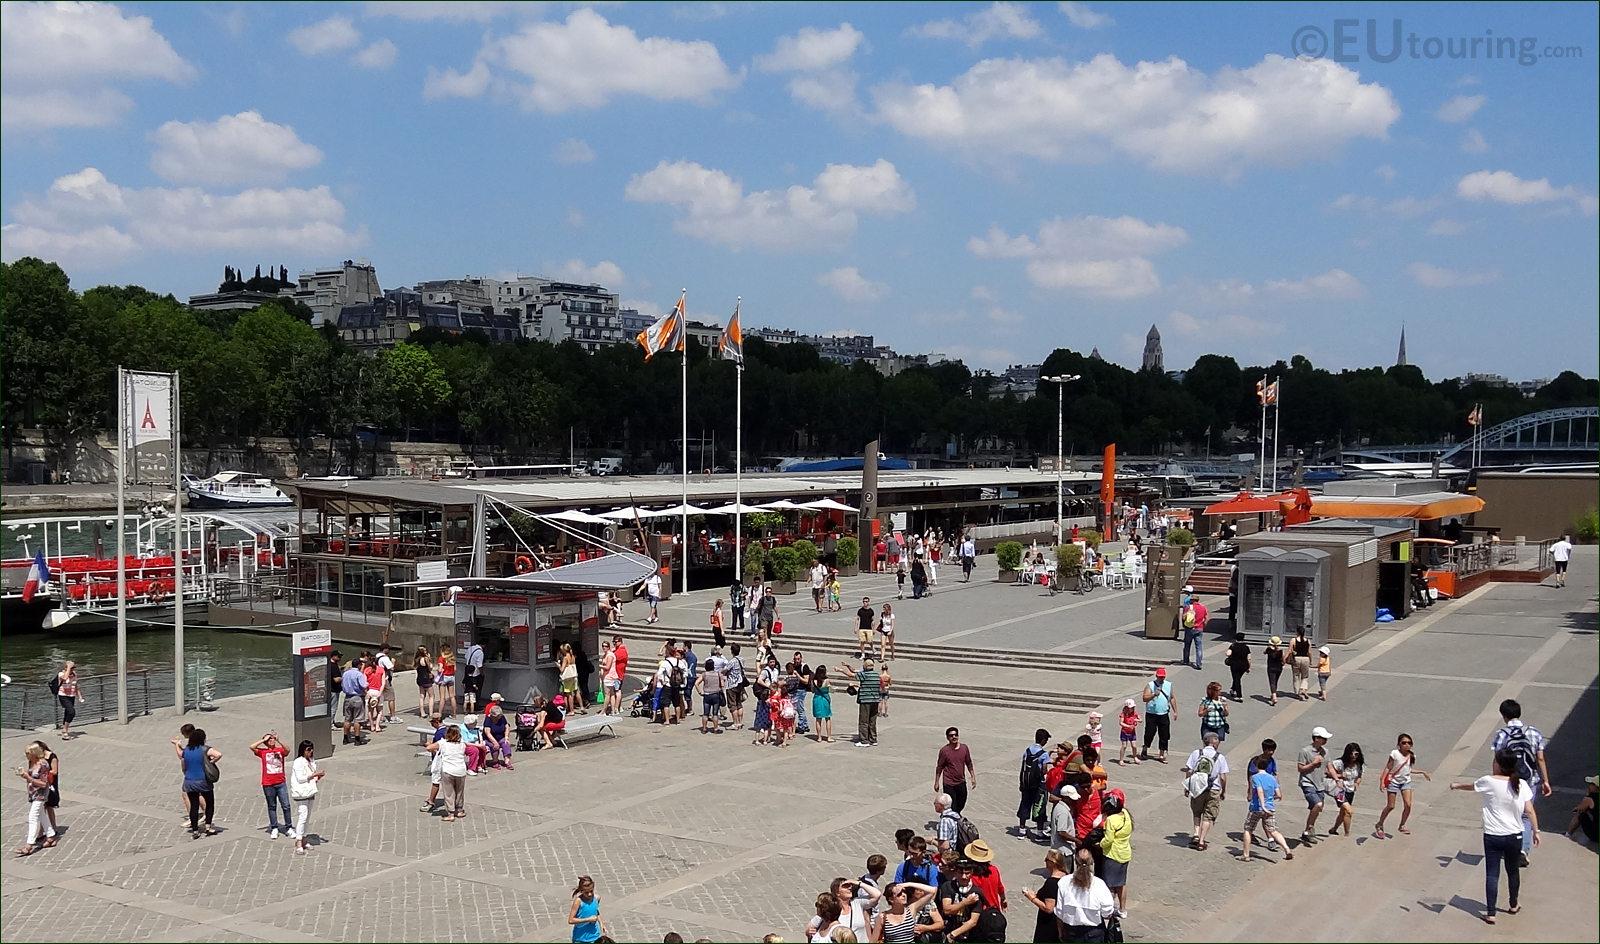 Hd photos of the bateaux parisiens sightseeing cruise - Bateaux parisiens port de la bourdonnais ...